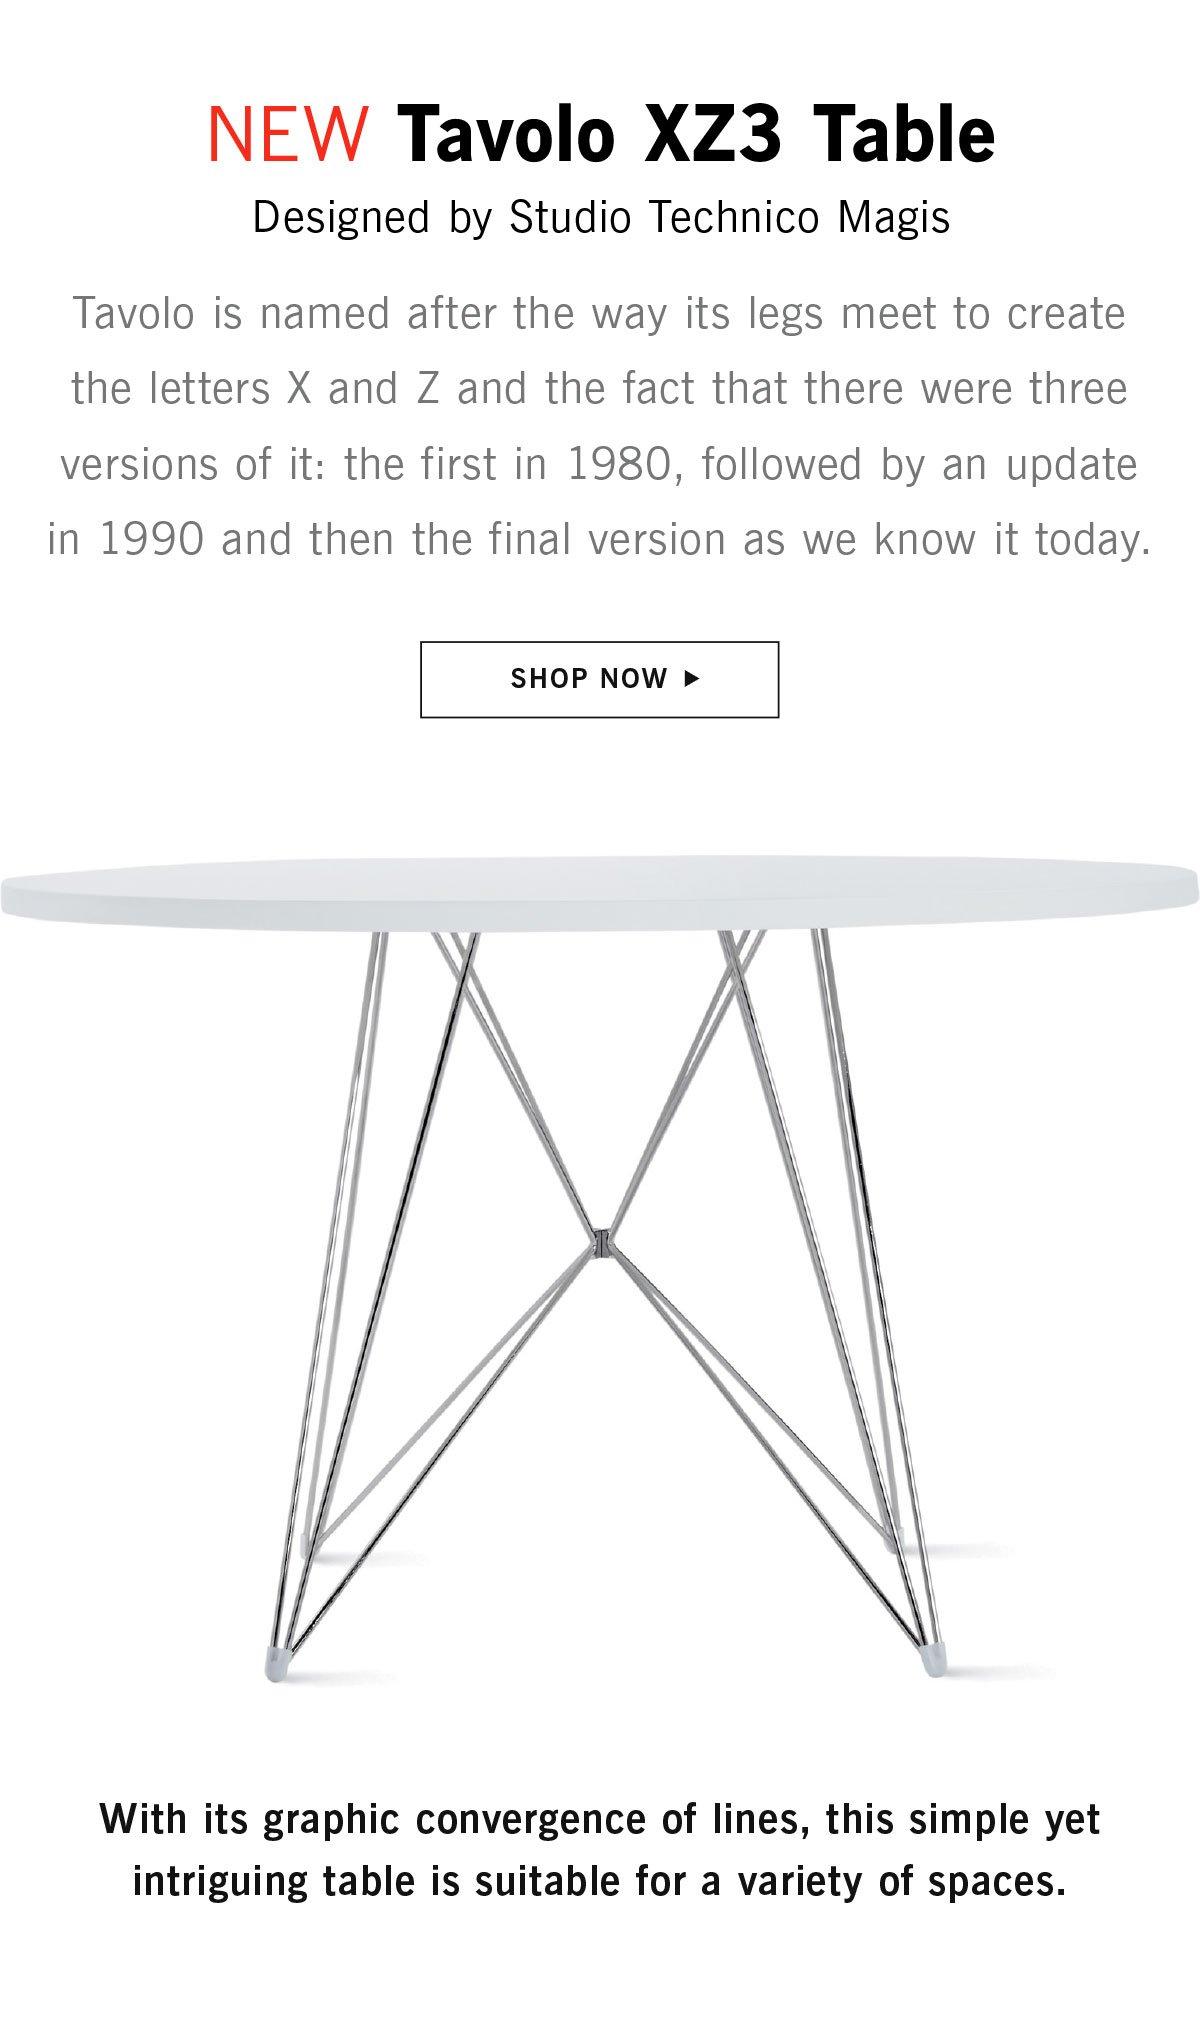 New Tavolo Table